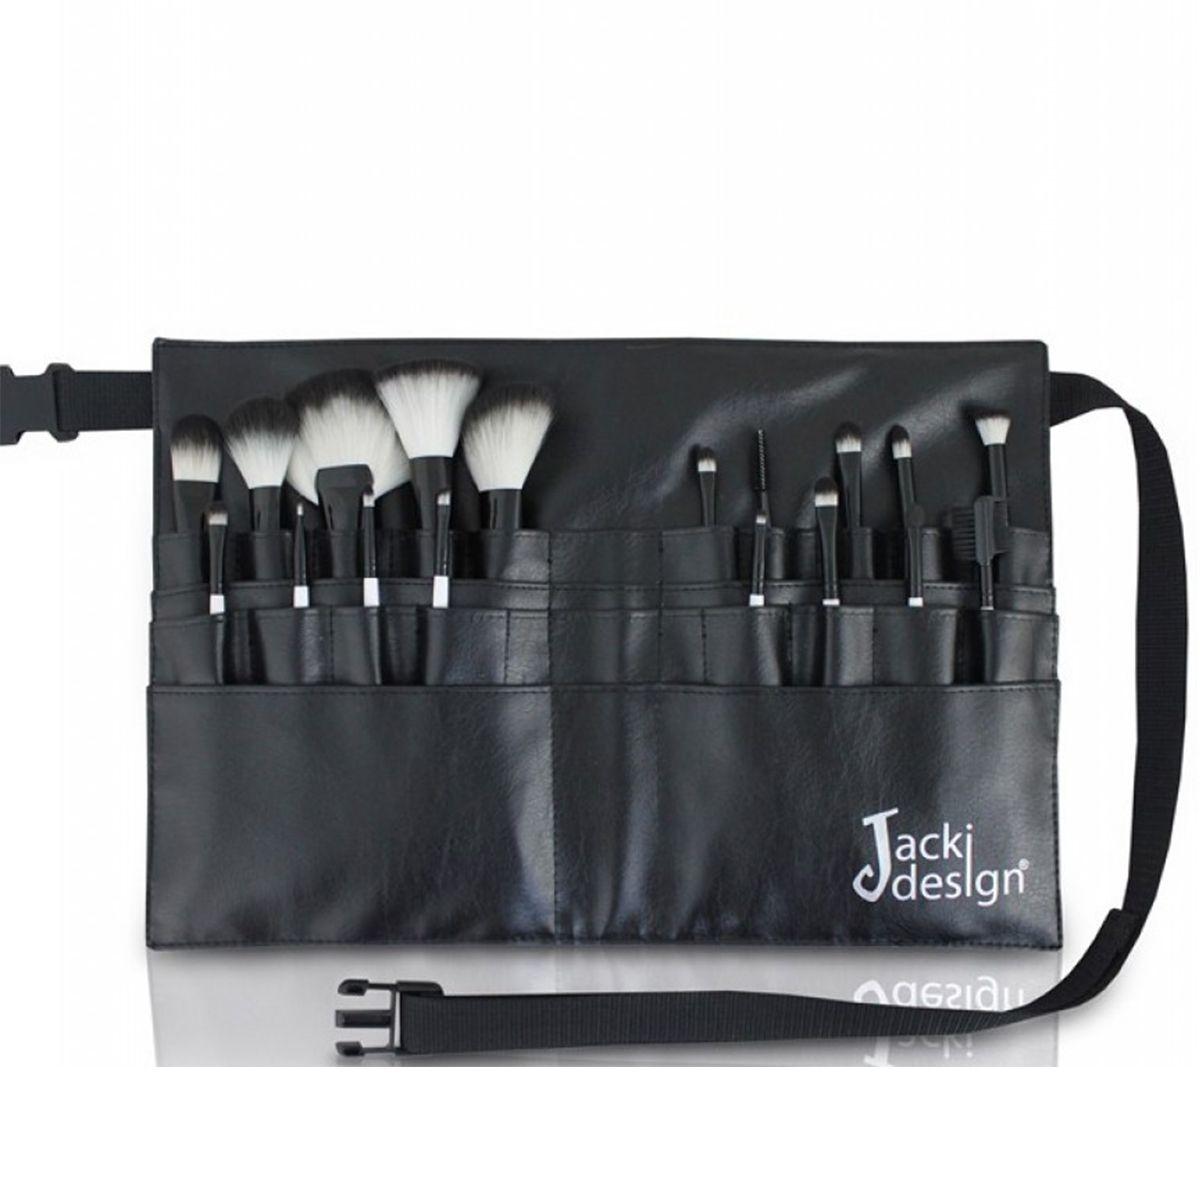 Kit Top Maquiagem 18 Pincéis Profissionais Com Cinto